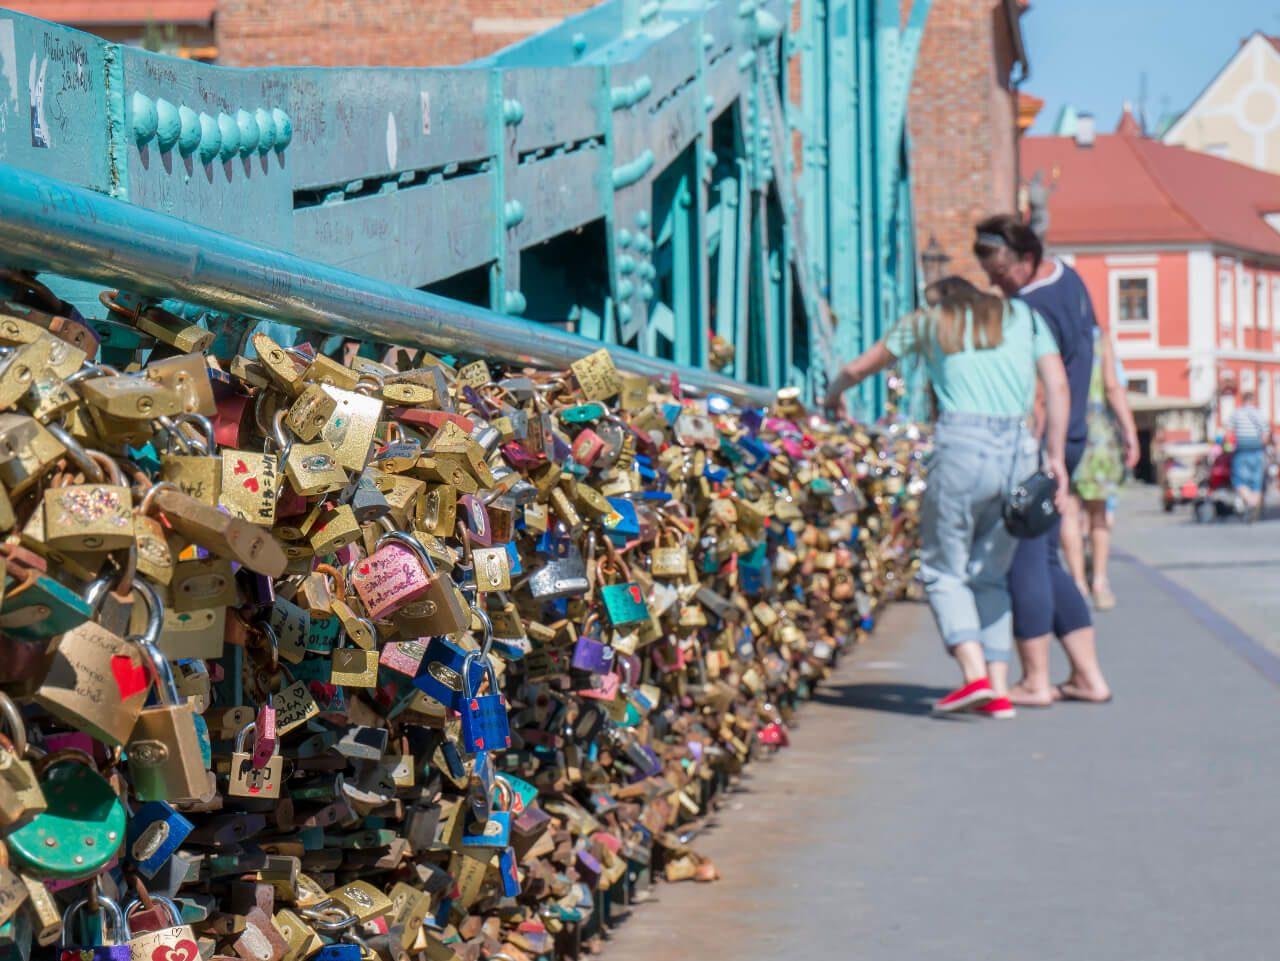 Wrocław w jeden dzień - Kłódki zakochanych na Moście Tumskim we Wrocławiu